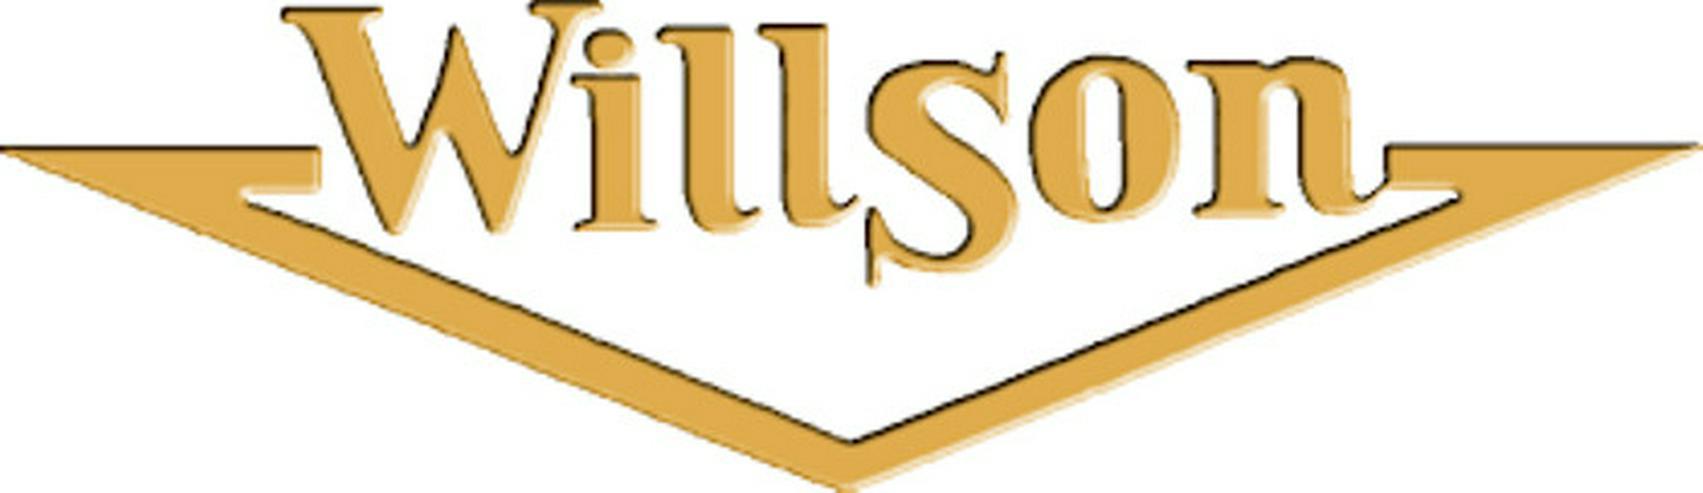 Bild 3: Willson Euphonium 2900TA voll kompensiert. Neu